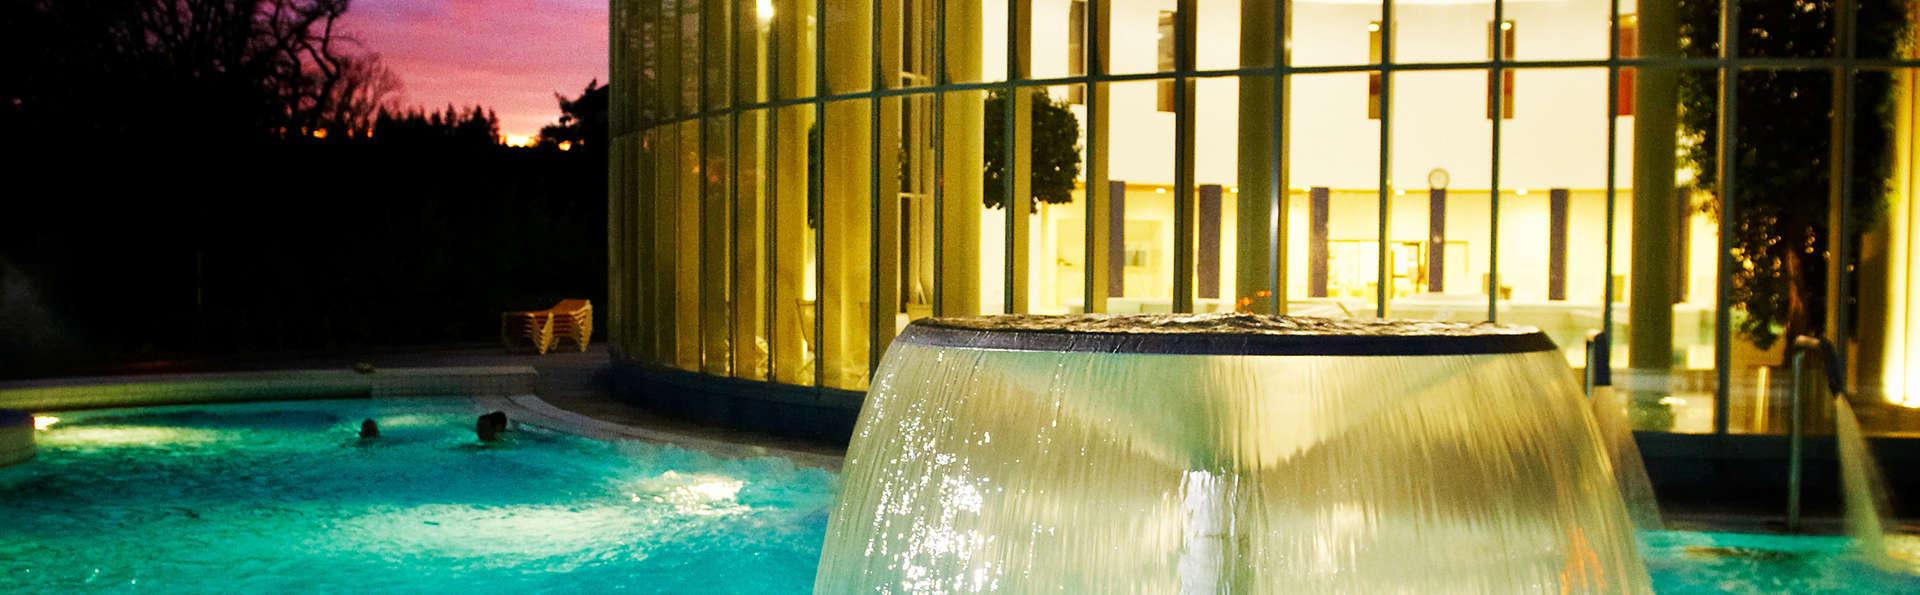 Séjour relaxation et chance : découverte des thermes et du casino de Spa (àpd 2 nuits)